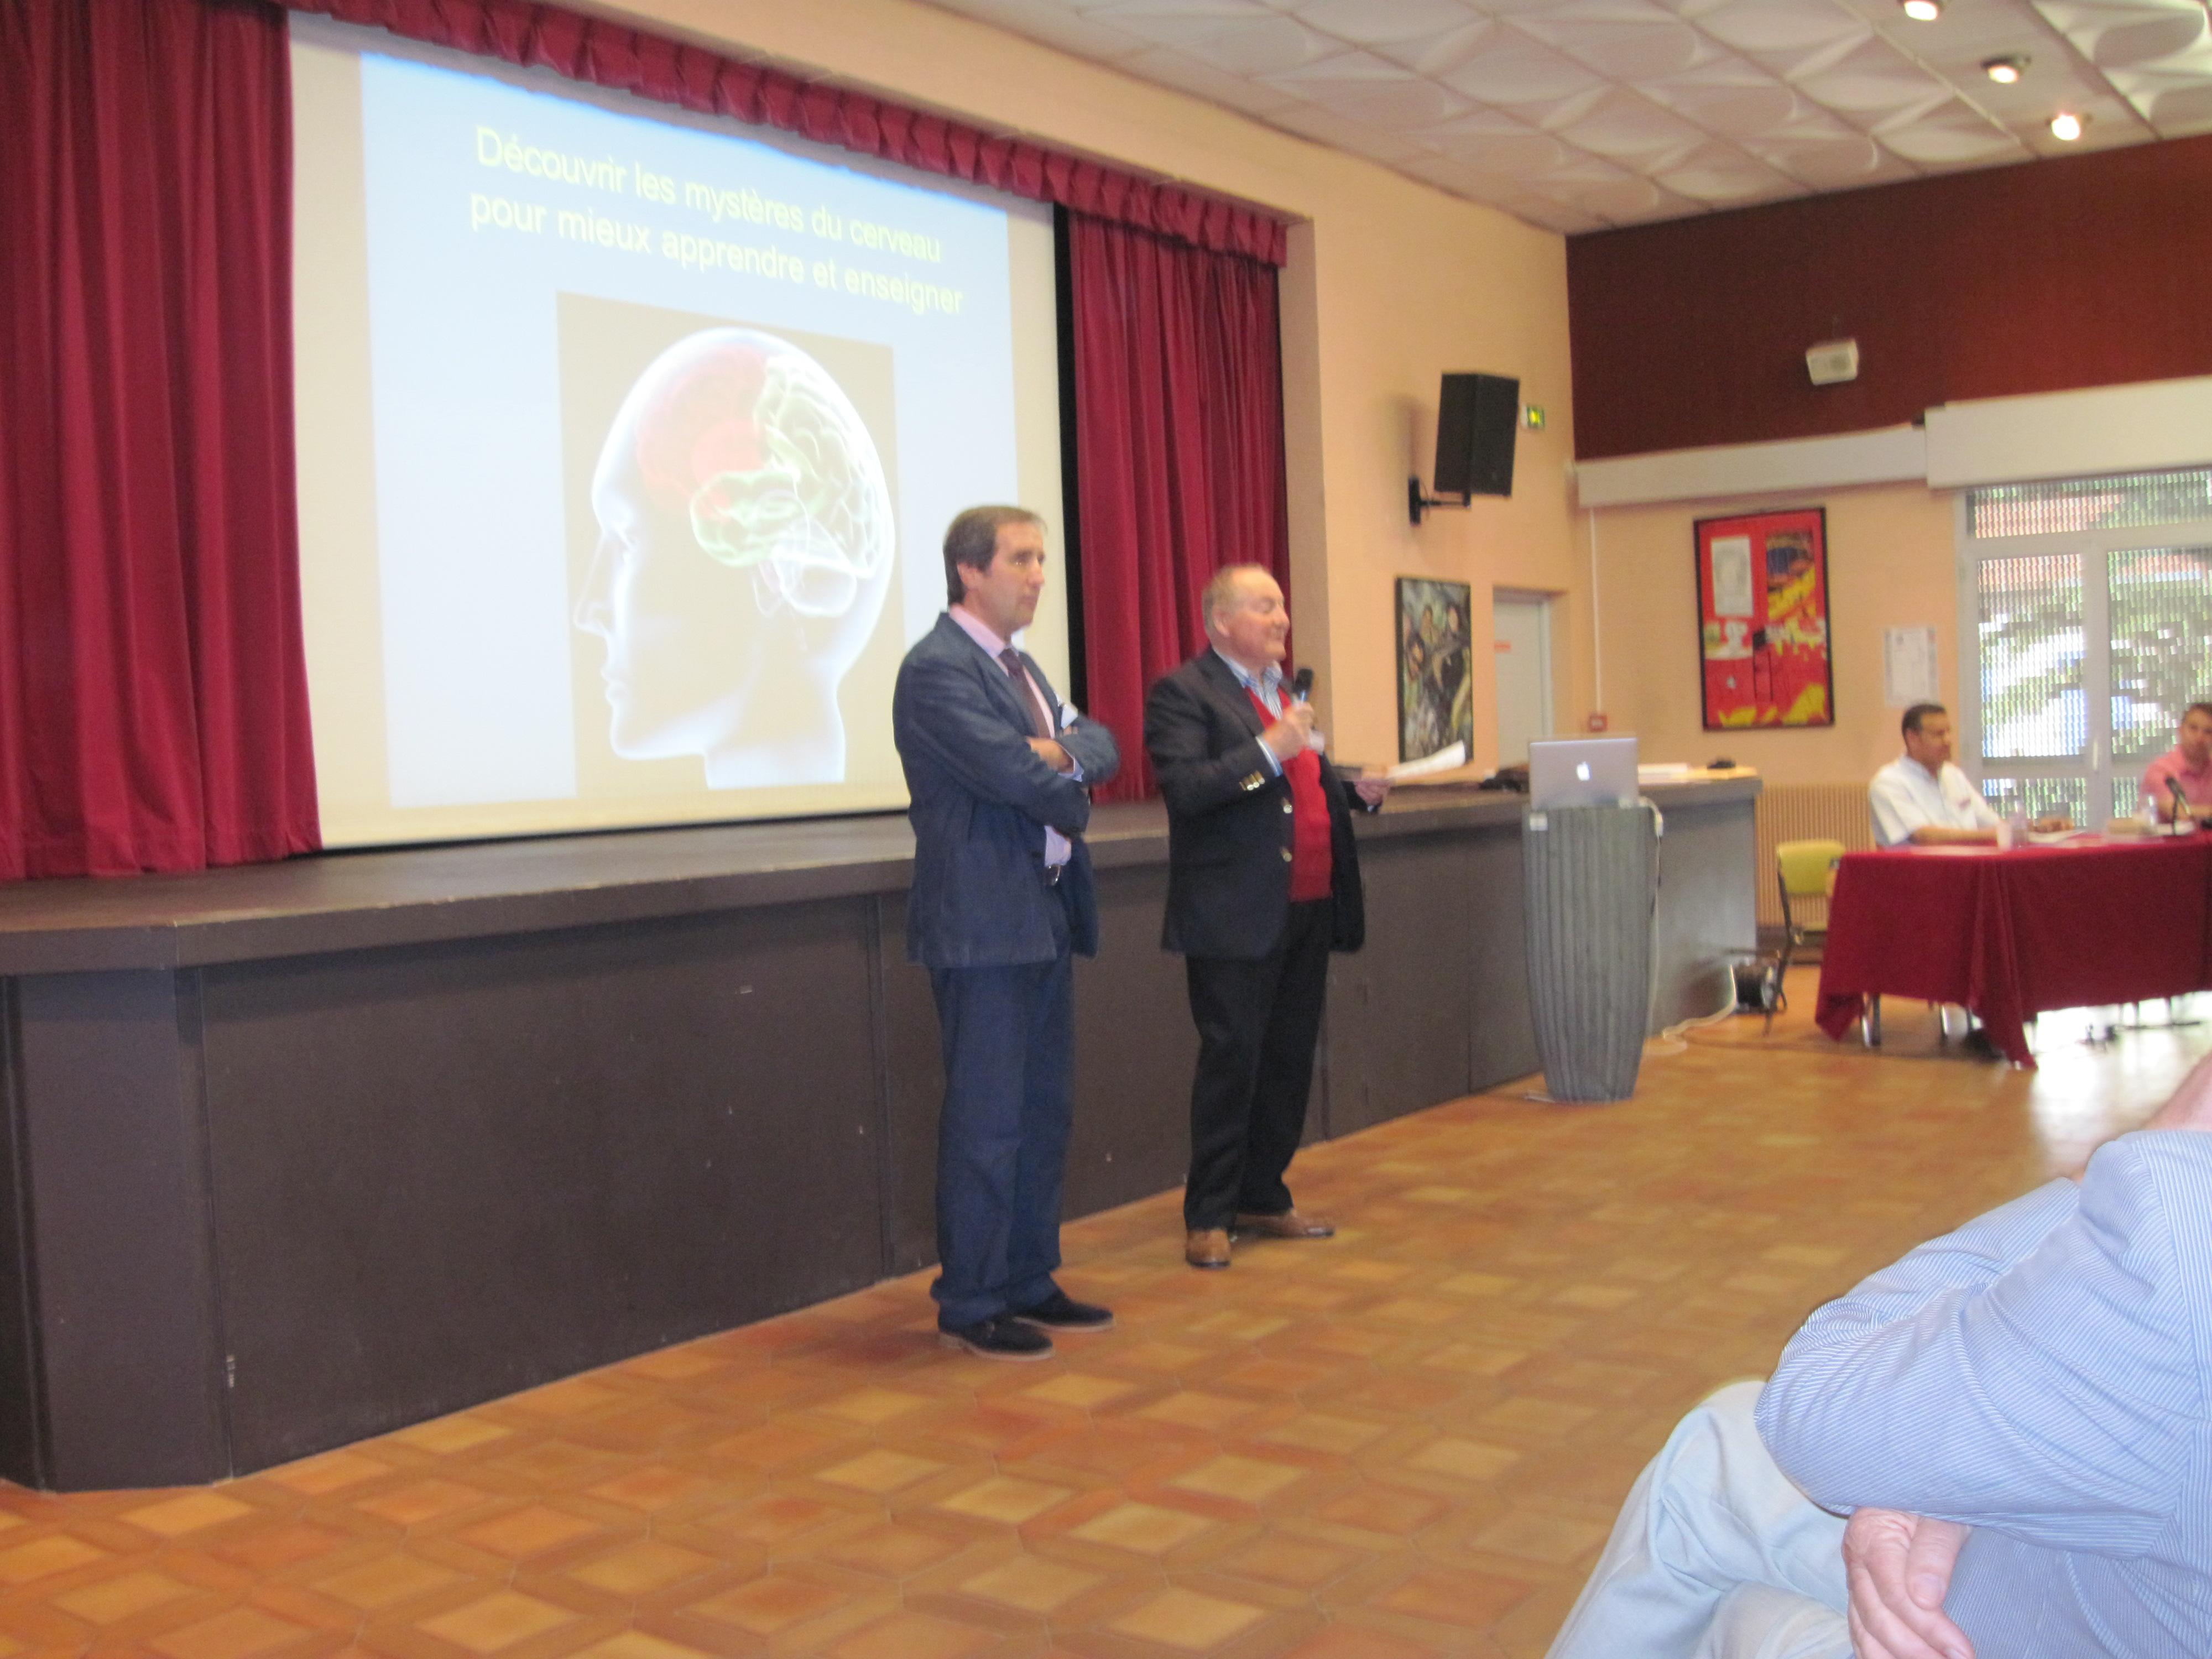 Le Dr Jacques Manya, Maire de Collioure, et le Dr Pierre Huc ouvrent le Symposium